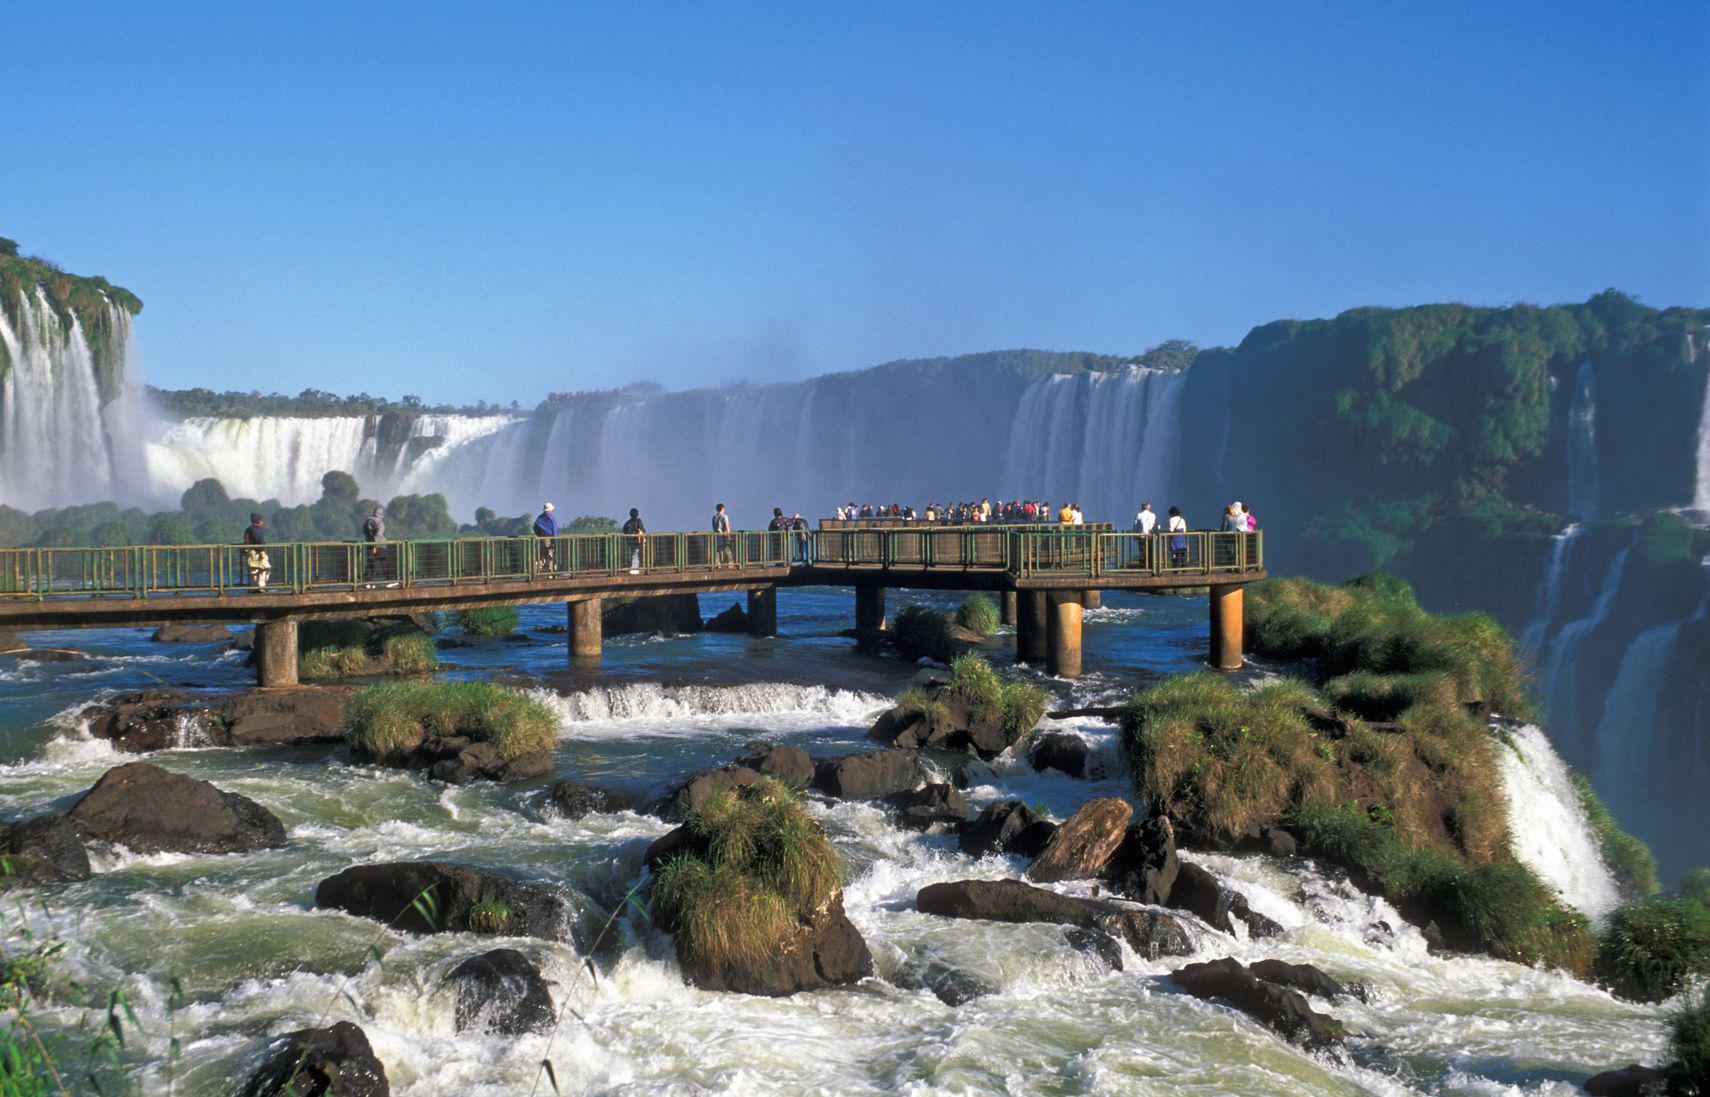 Best of Argentina med vingårder, storbyliv og unike naturoplevelser i Buenos Aires, Iguazu Falls og Mendoza